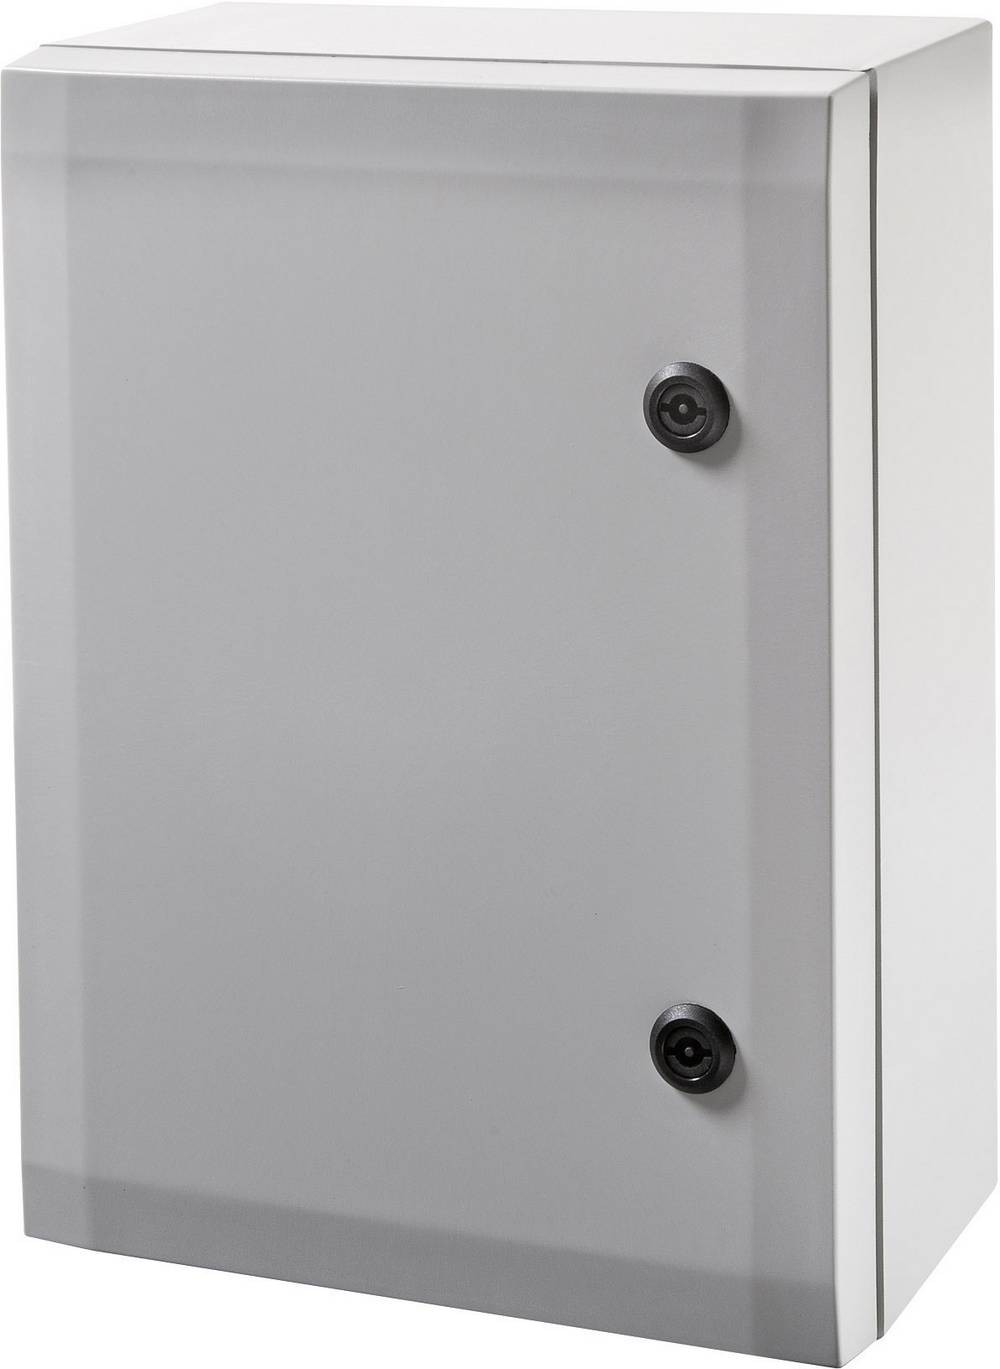 Kabinet til montering på væggen, Installationskabinet Fibox ARCA 8120022N 300 x 400 x 150 Polycarbonat 1 stk